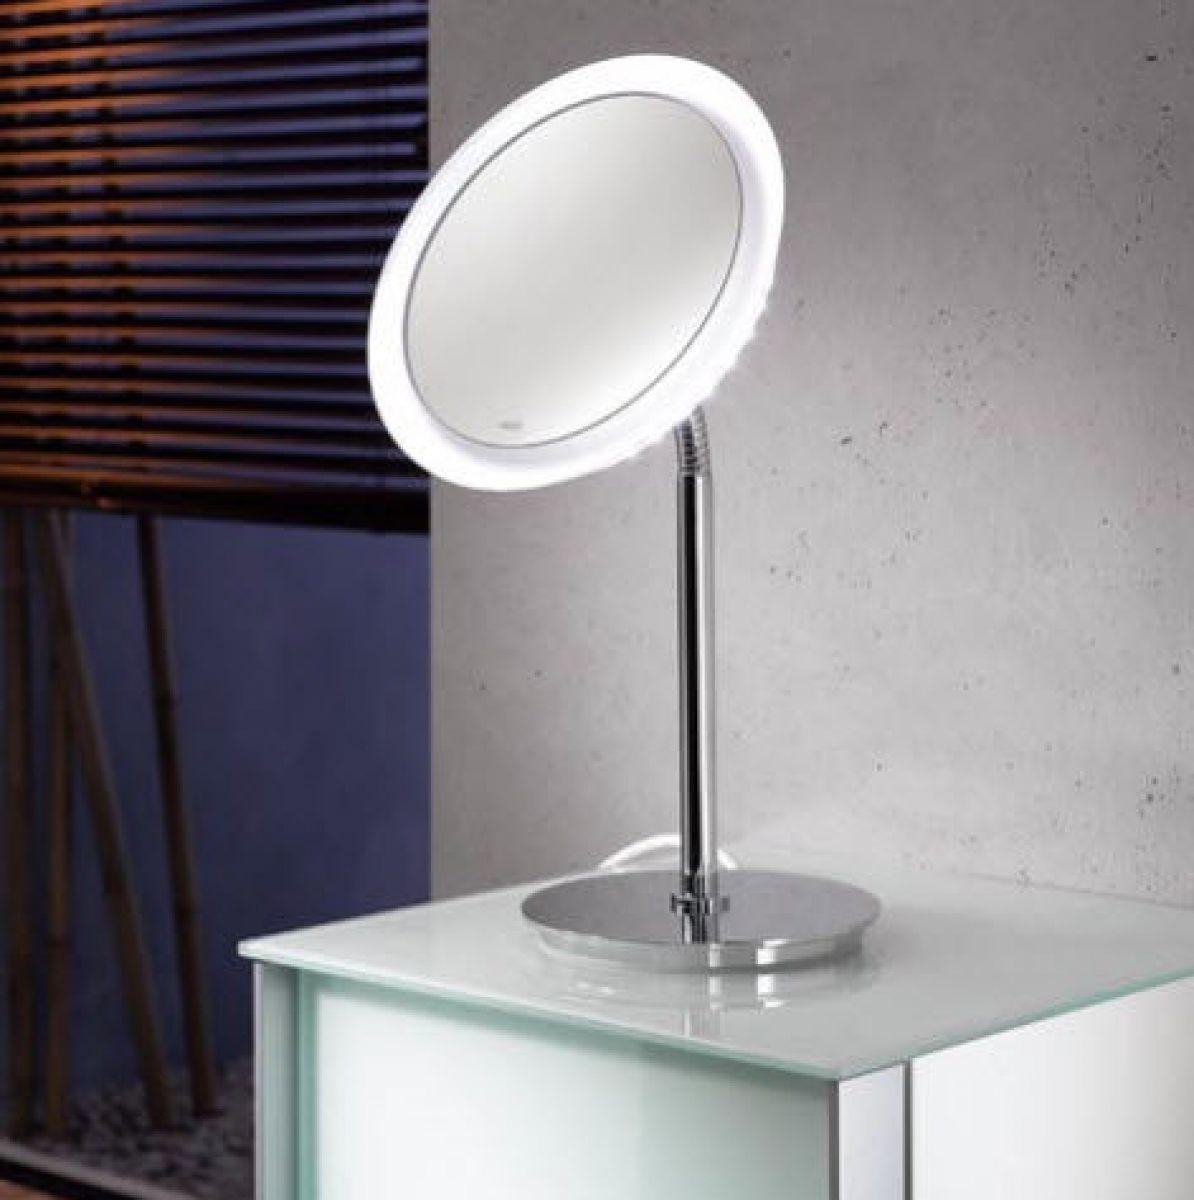 Keuco Bella Vista Cosmetic Mirror : UK Bathrooms